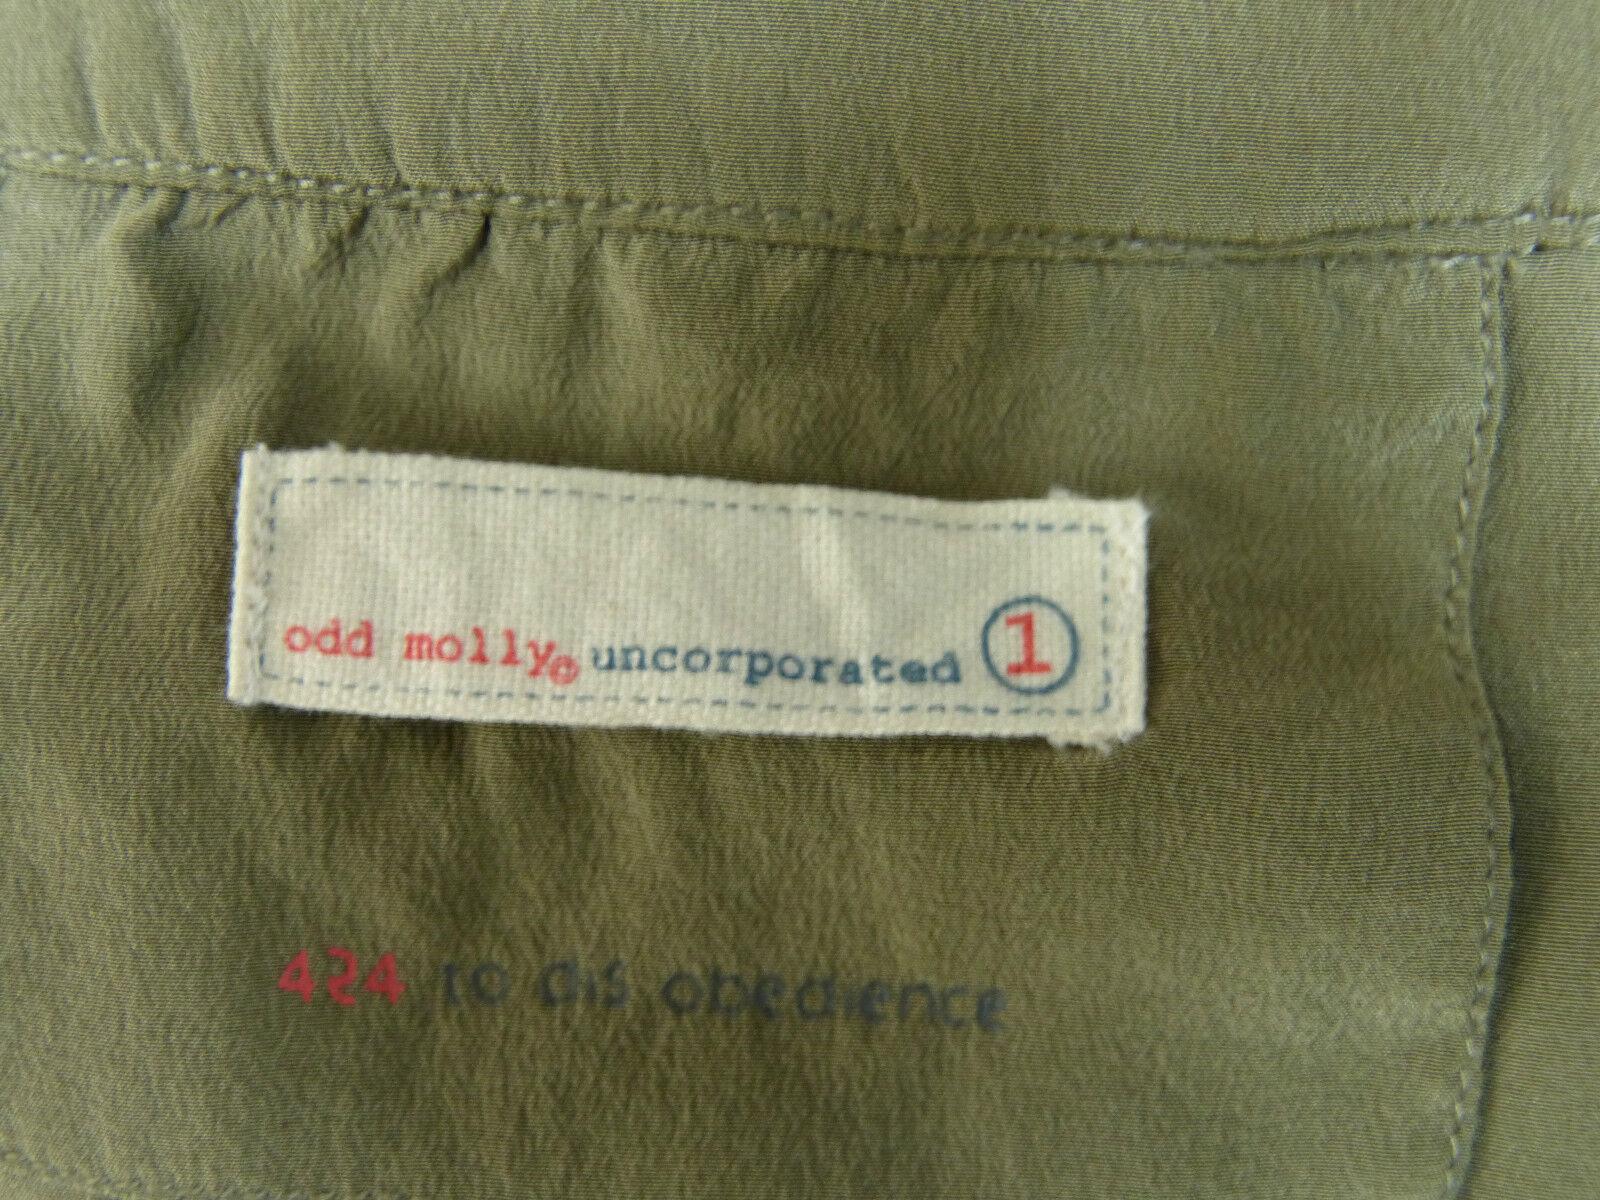 Odd Molly Tunica Abito Tg S - - - 1 Multicolore & 100% SETA (J 8707) c5ddb4